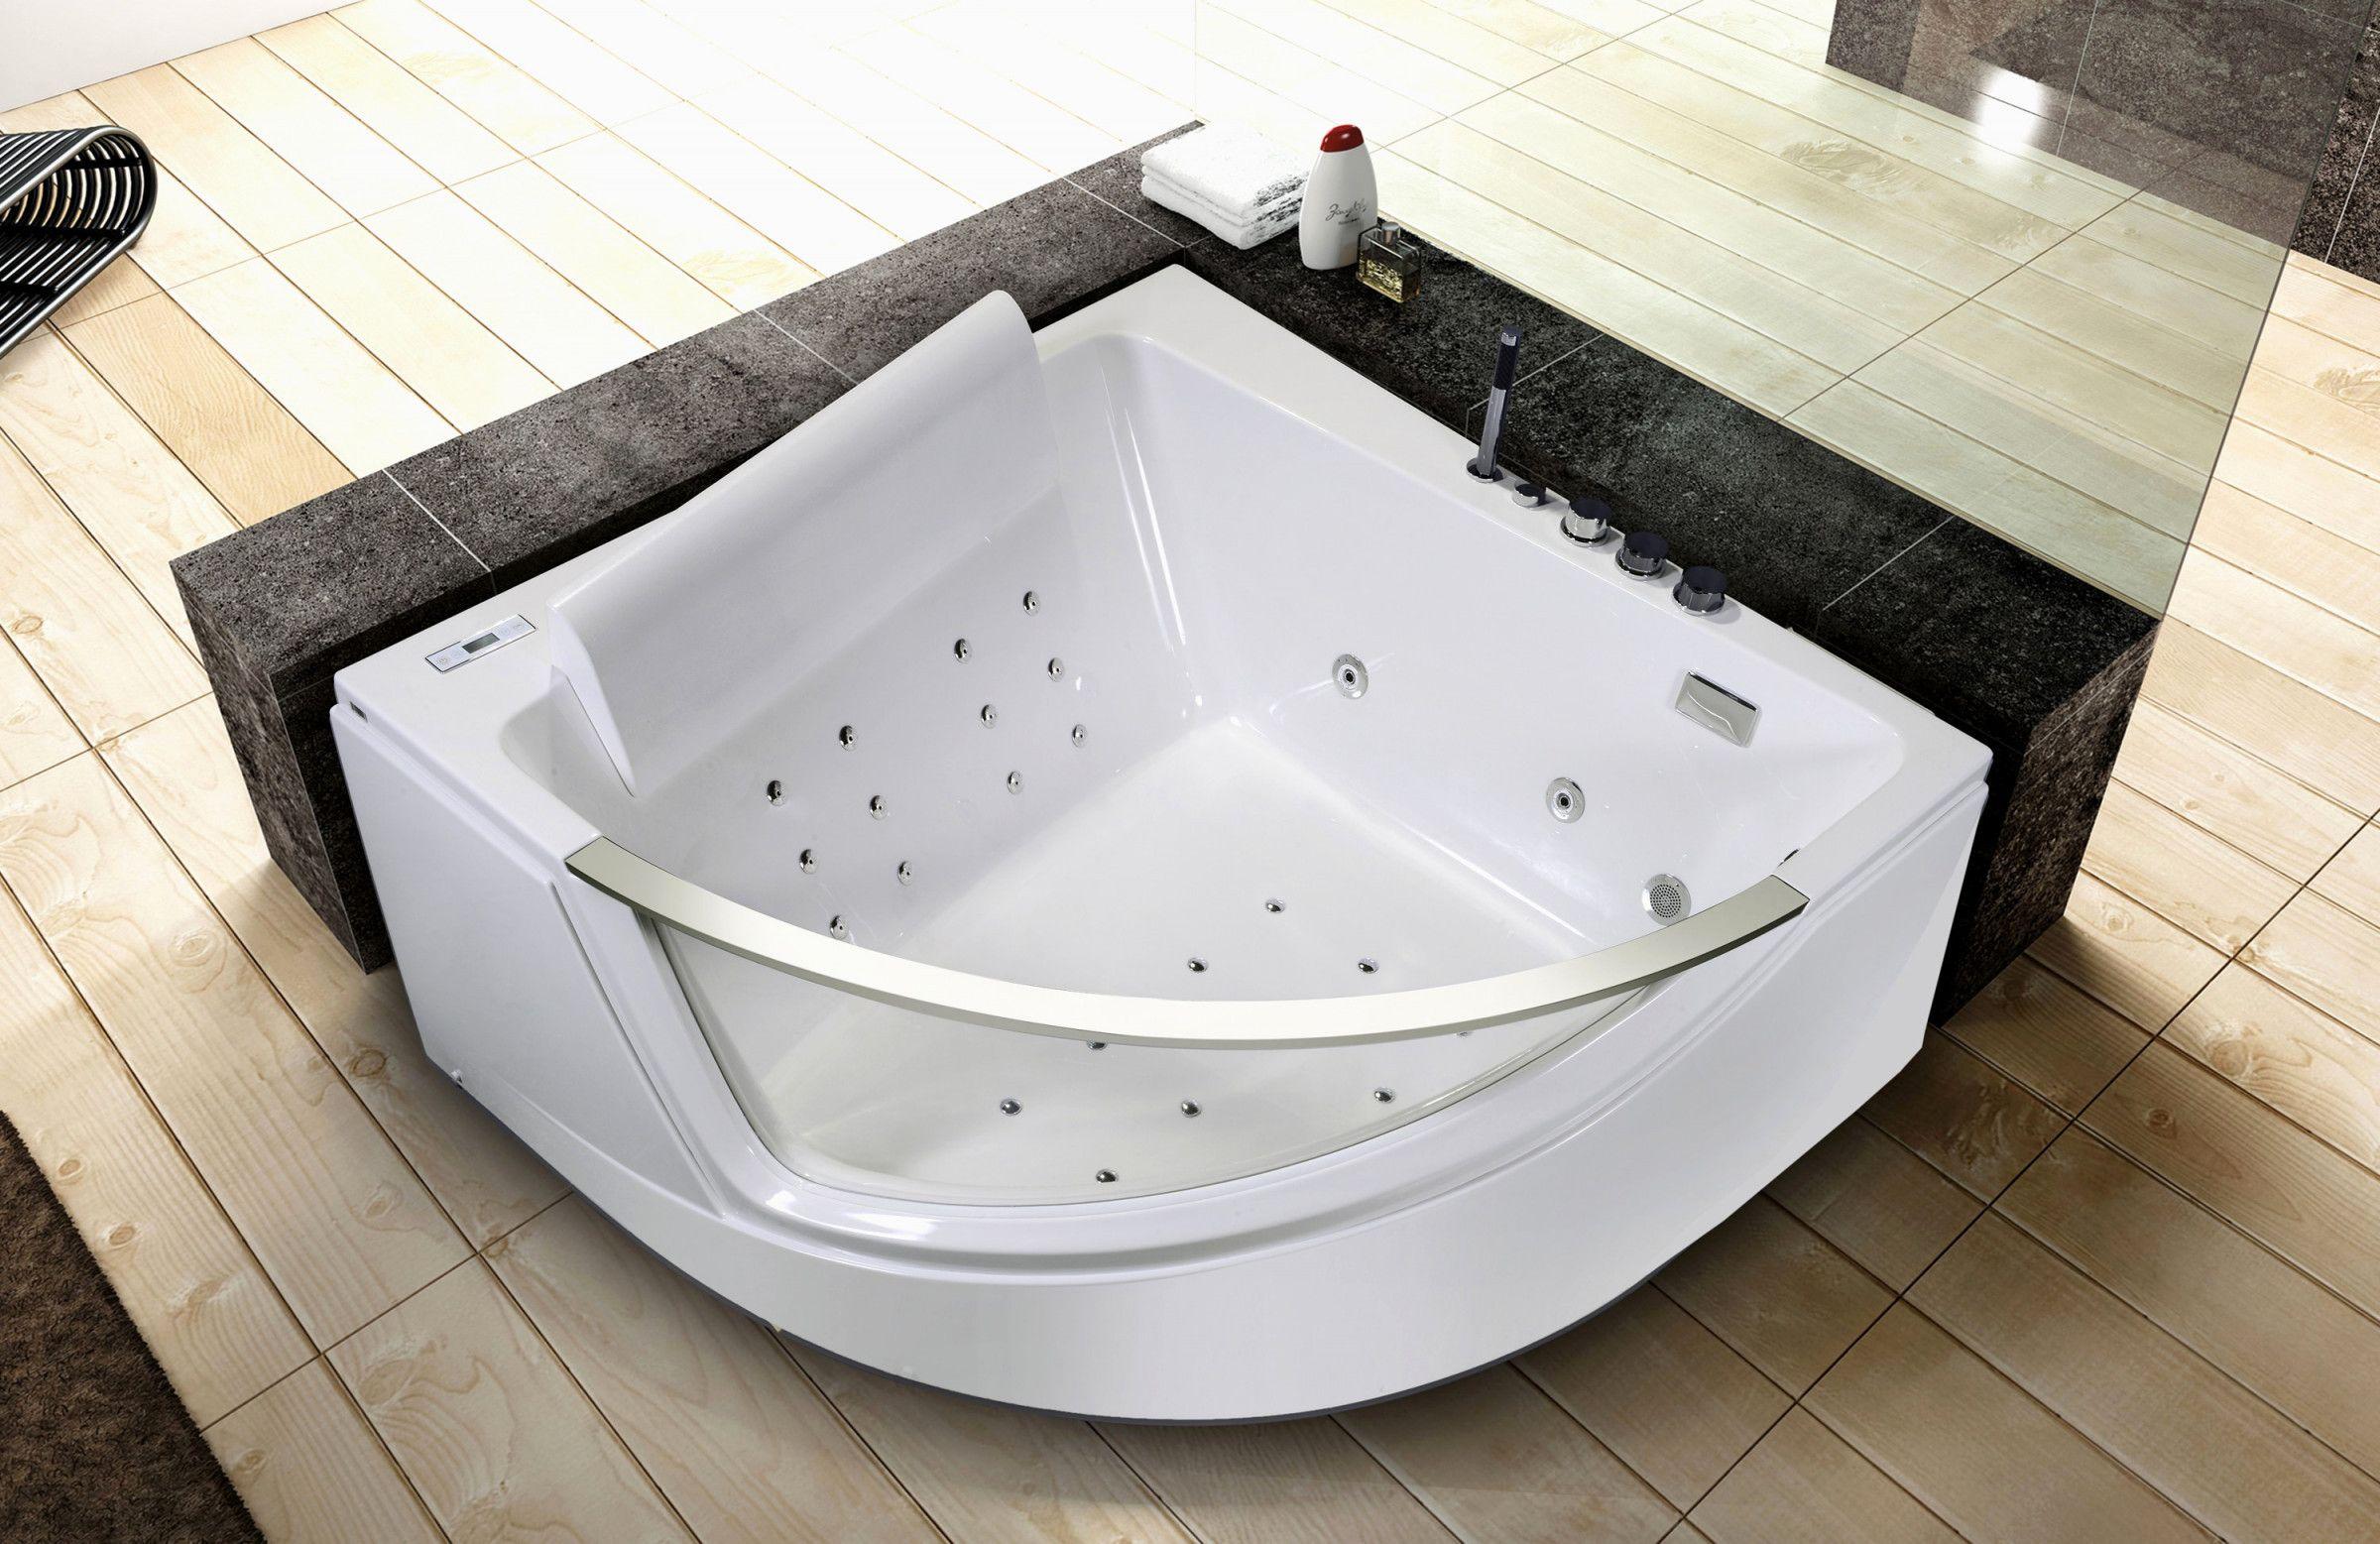 Decoration Tablier De Baignoire tablier baignoire acrylique castorama pour maximiser votre